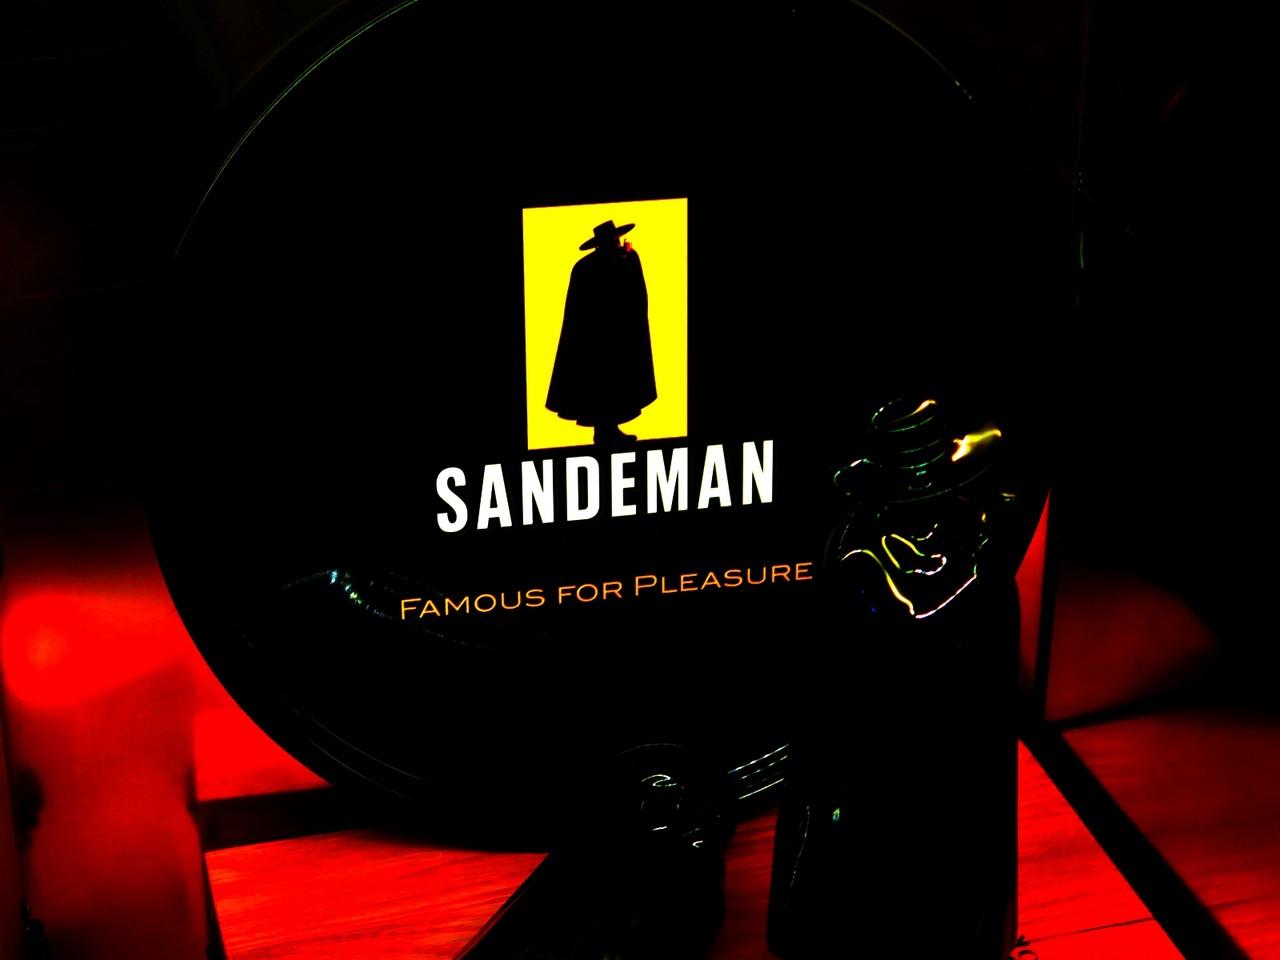 THE SANDEMAN CHIADO